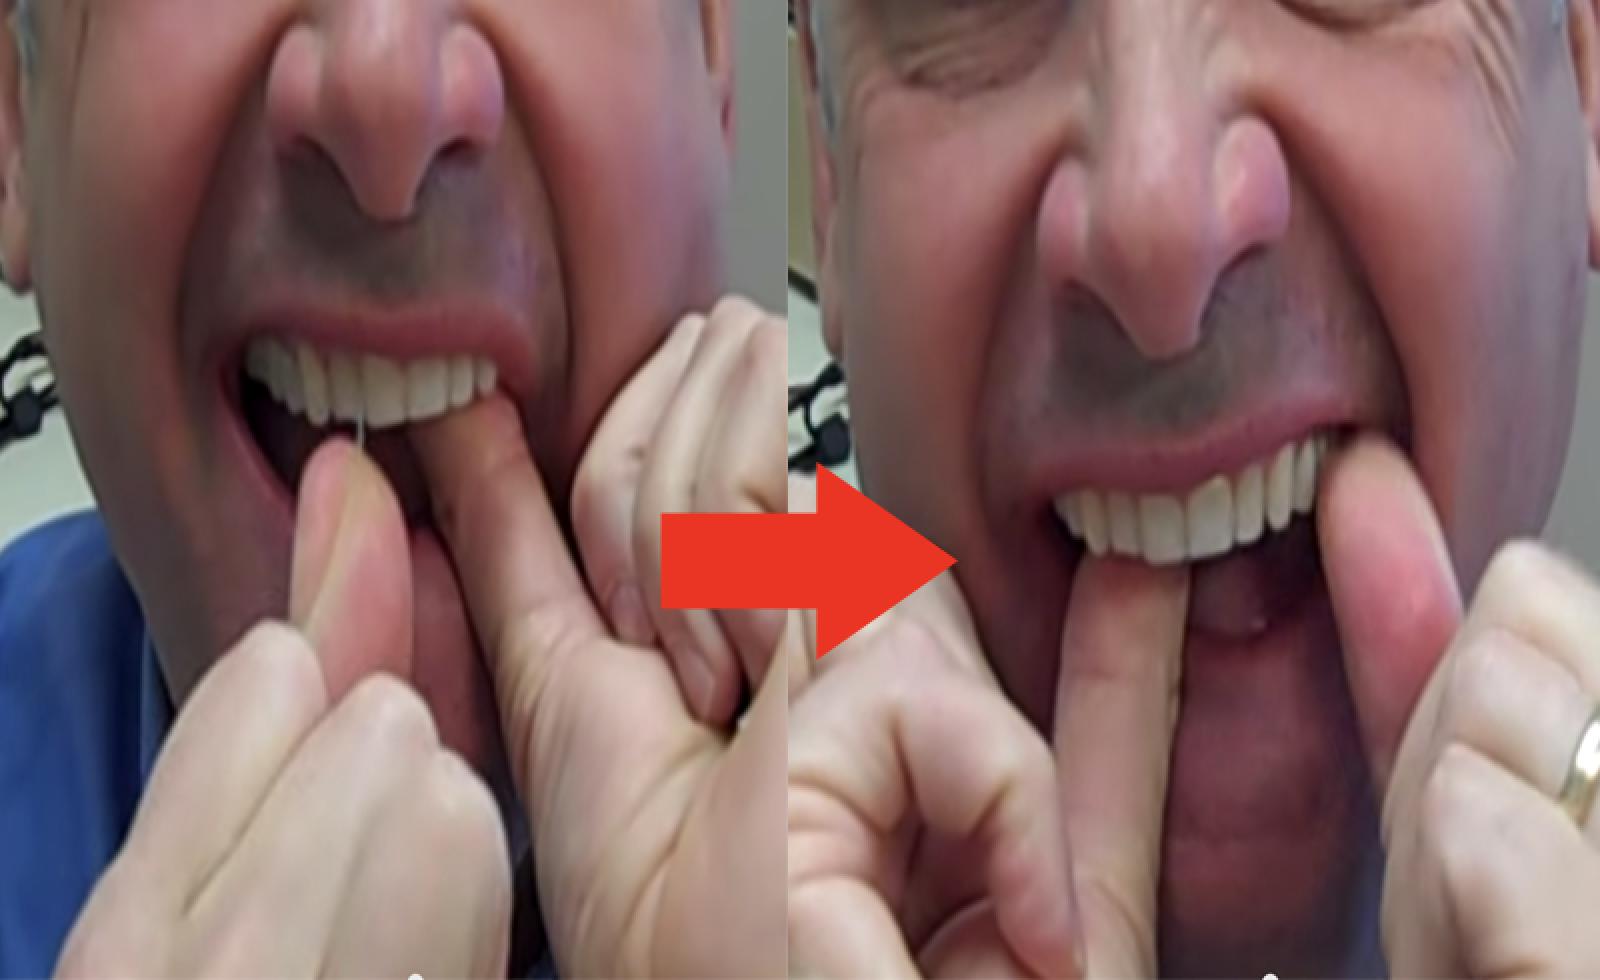 這名牙醫說大多數人用牙線方法都錯了,一點幫助都沒有。這才是正確的方法!